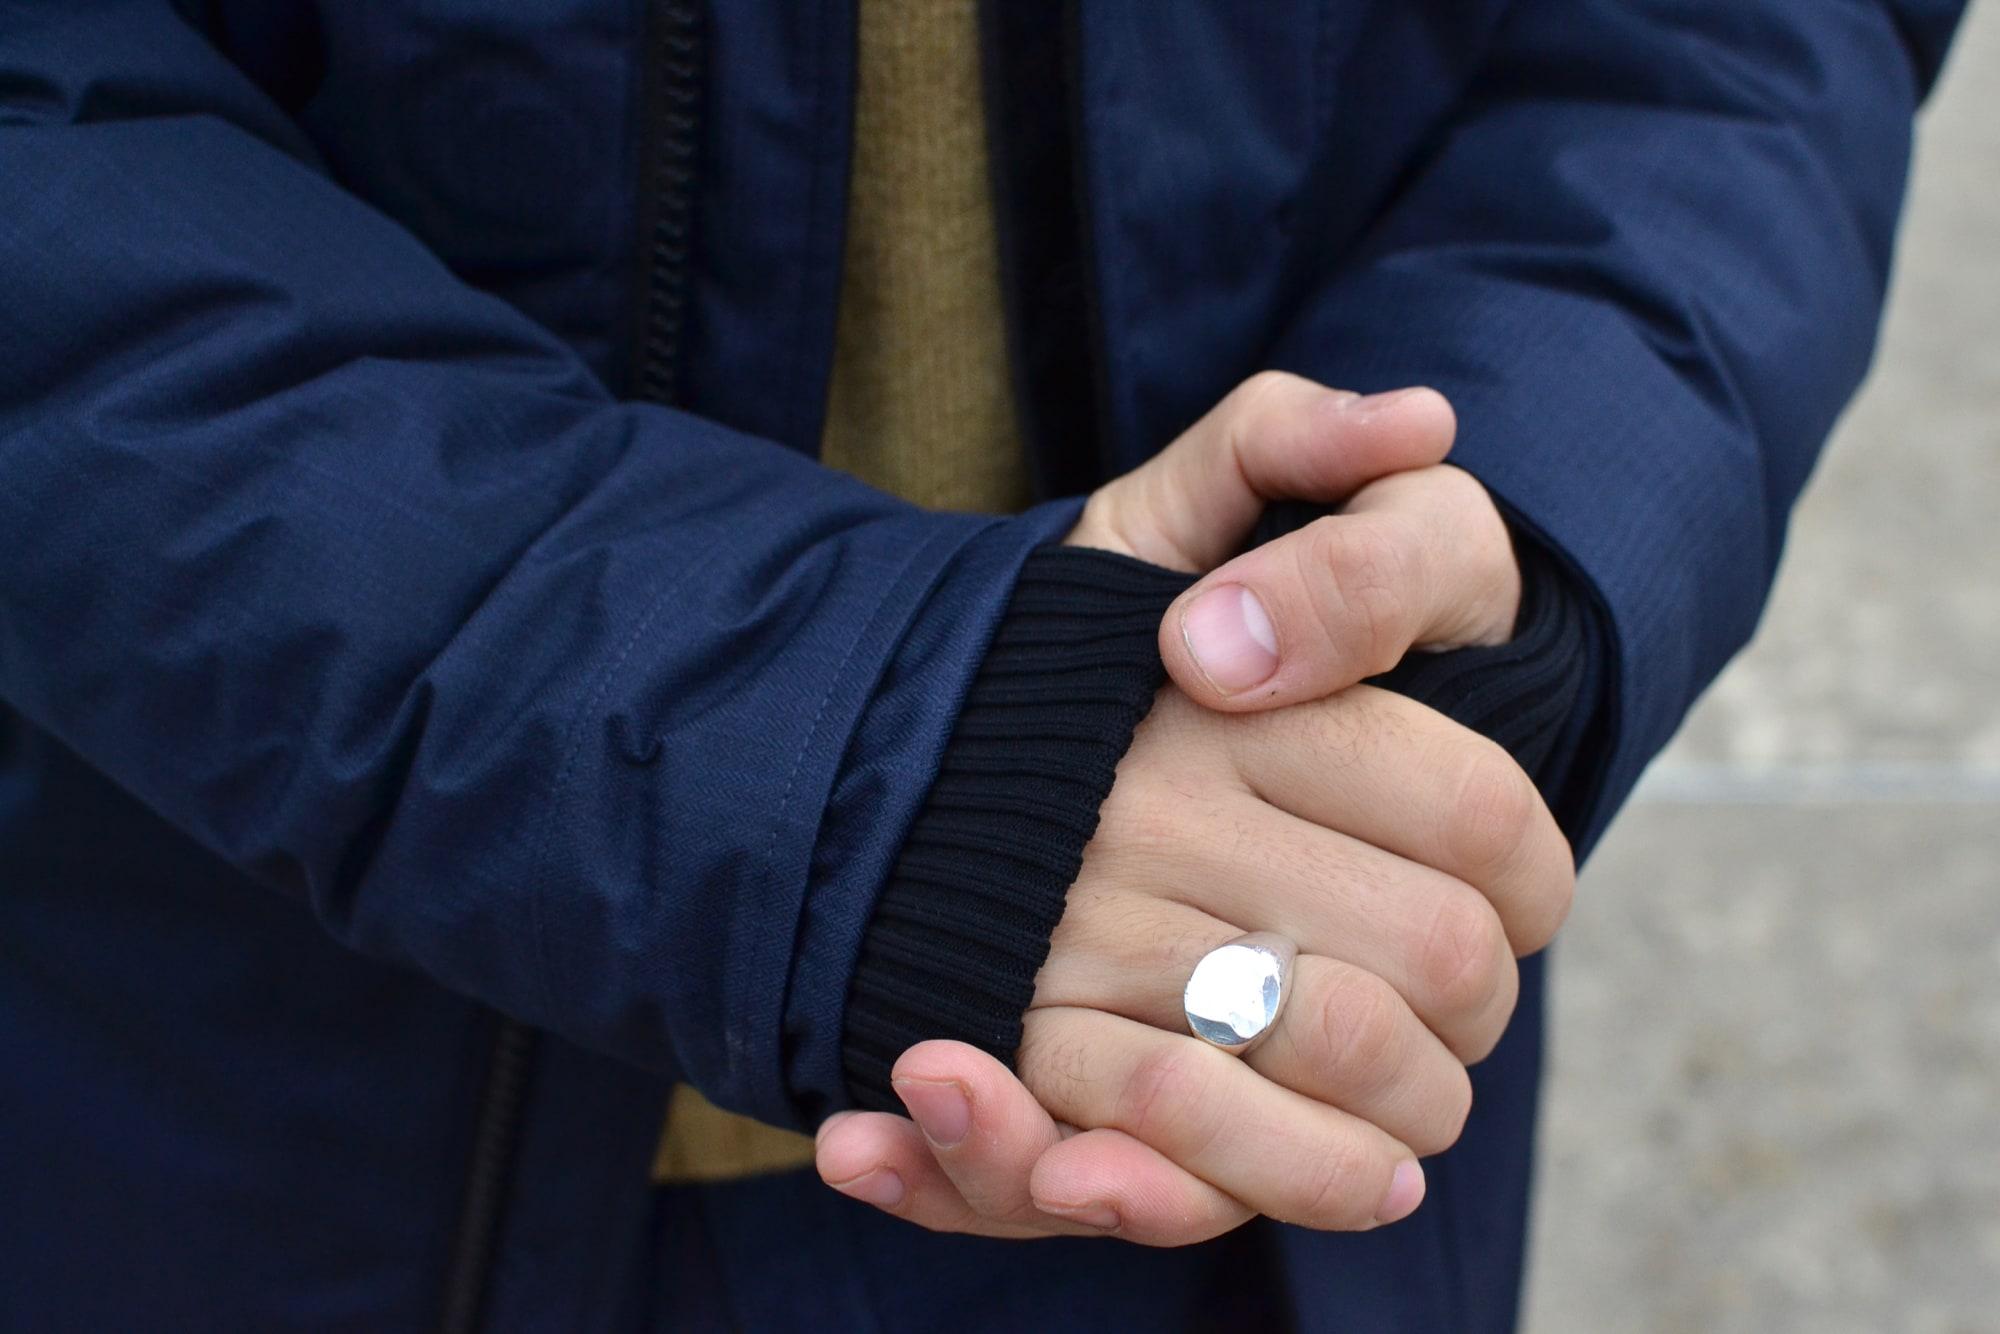 accessoire pour homme et style masculin avec une chevalière bague faite à la main à Paris en argent massif gilbert gilbert